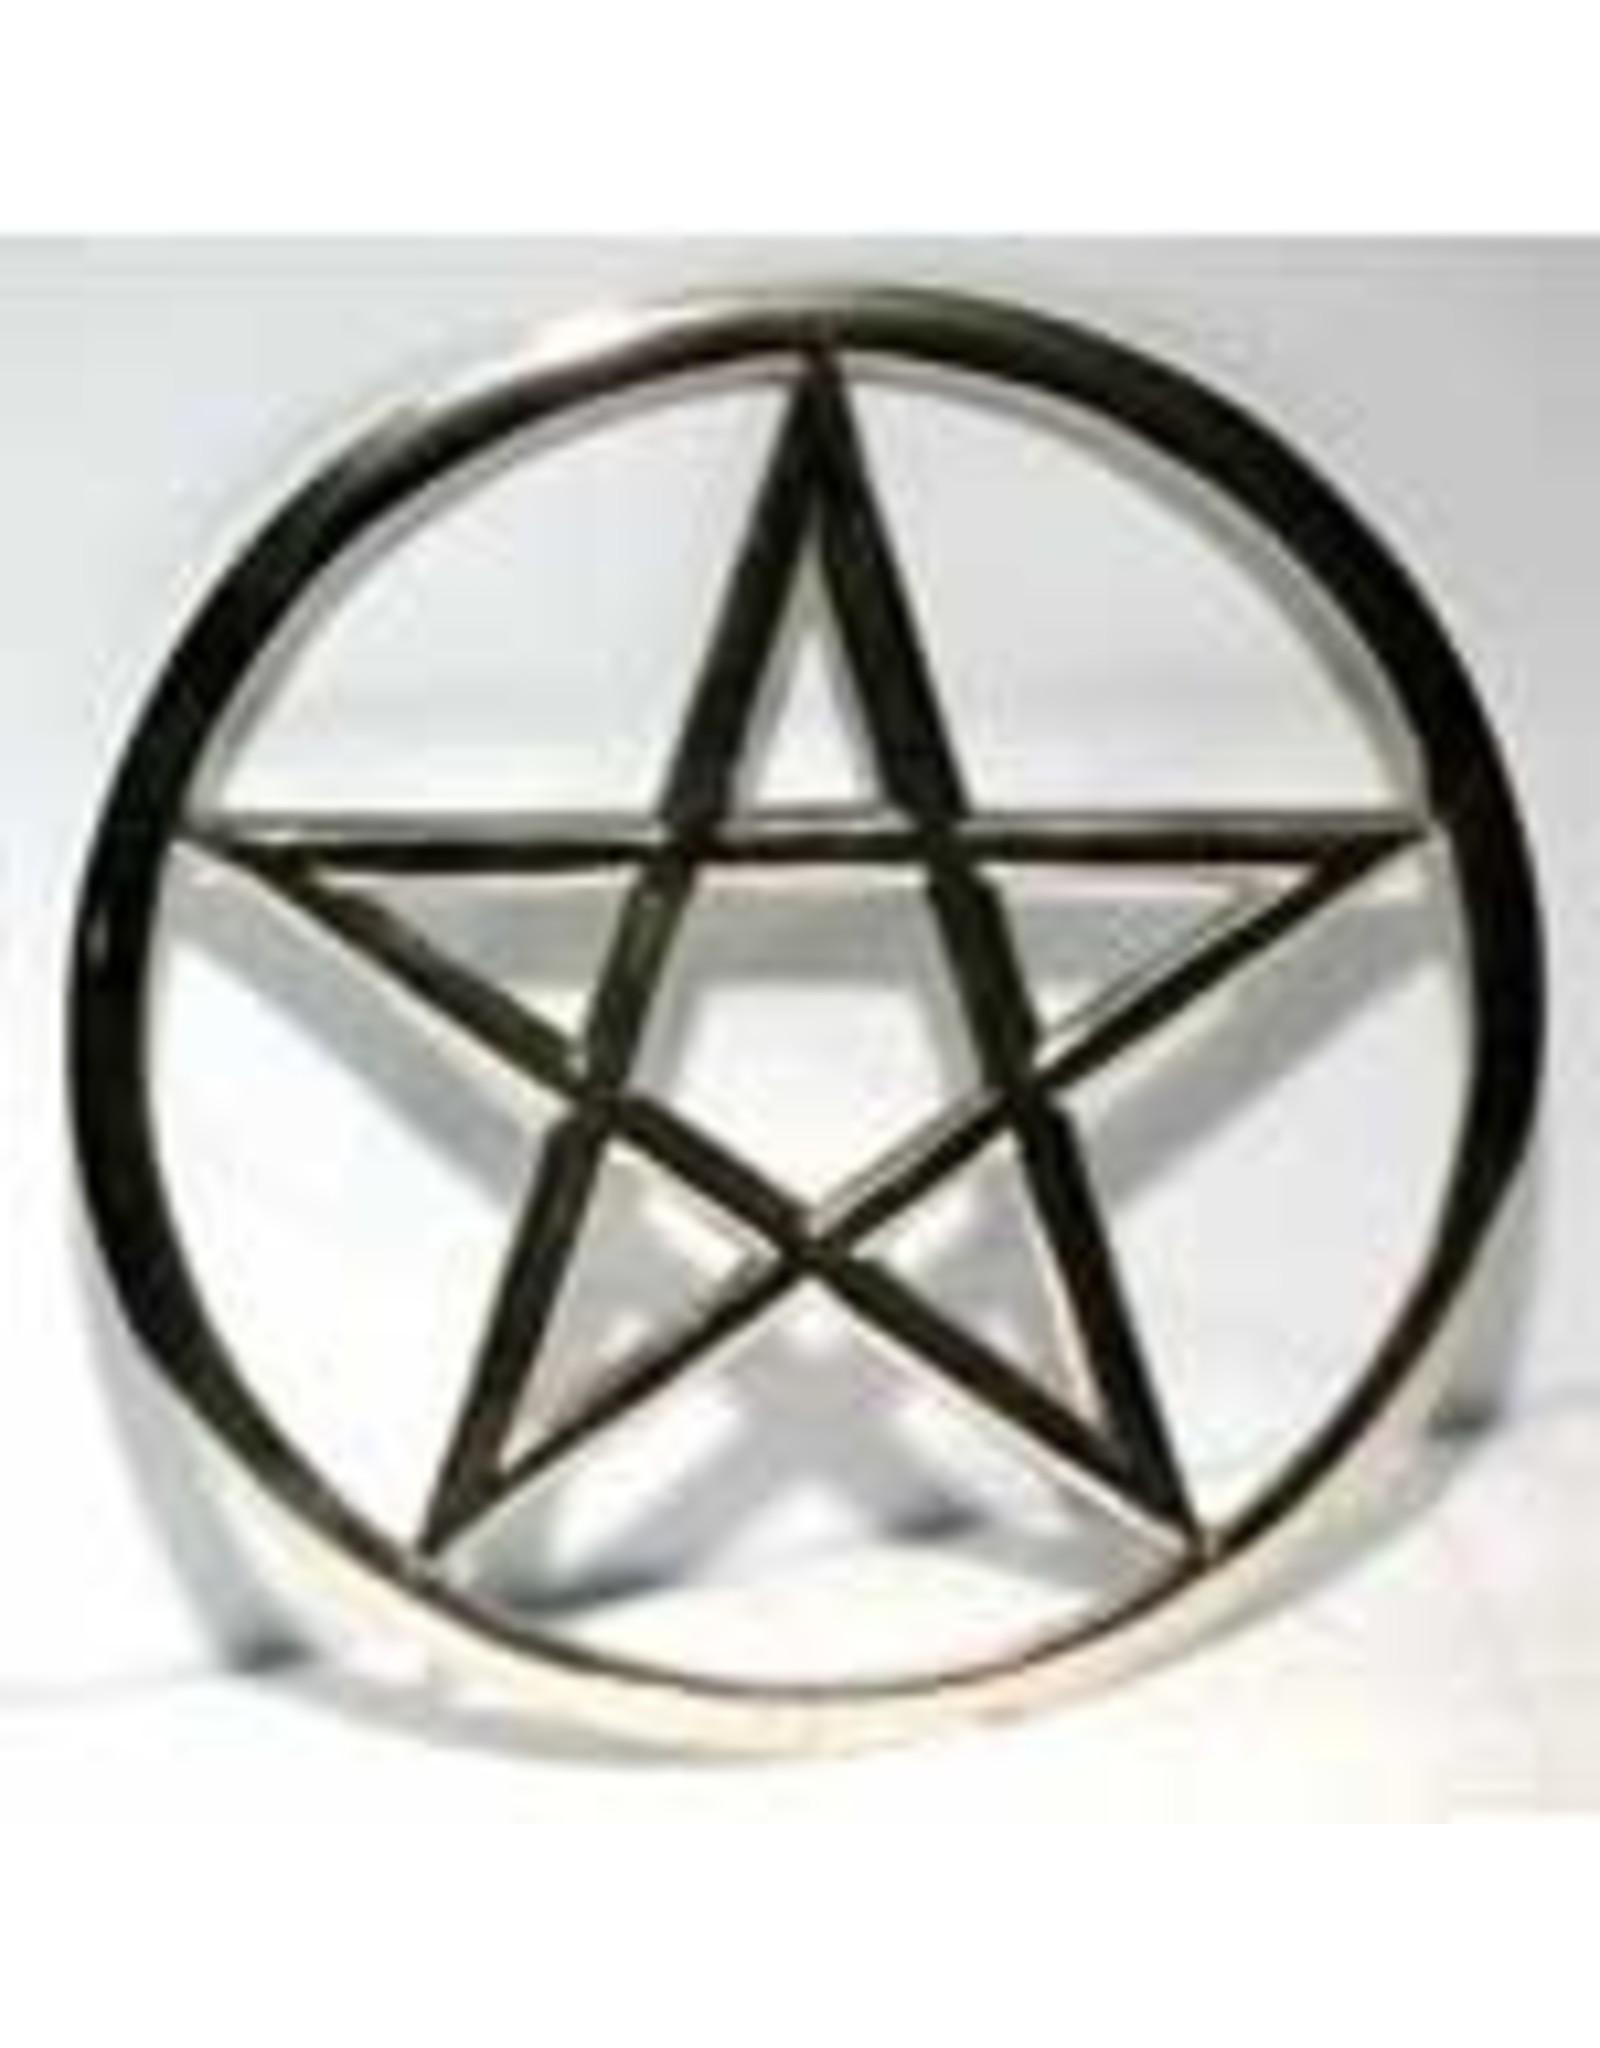 Pentacle Altar Tile